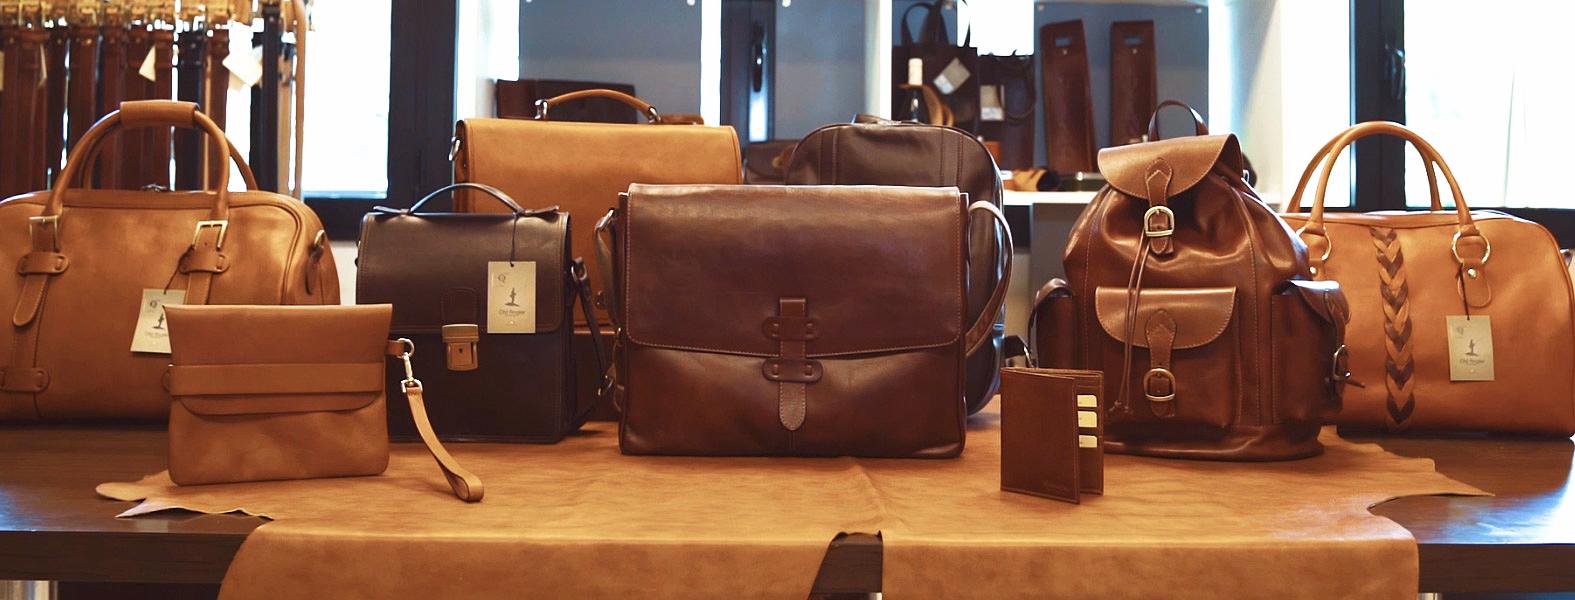 Väskor från Old Angler i Toscana